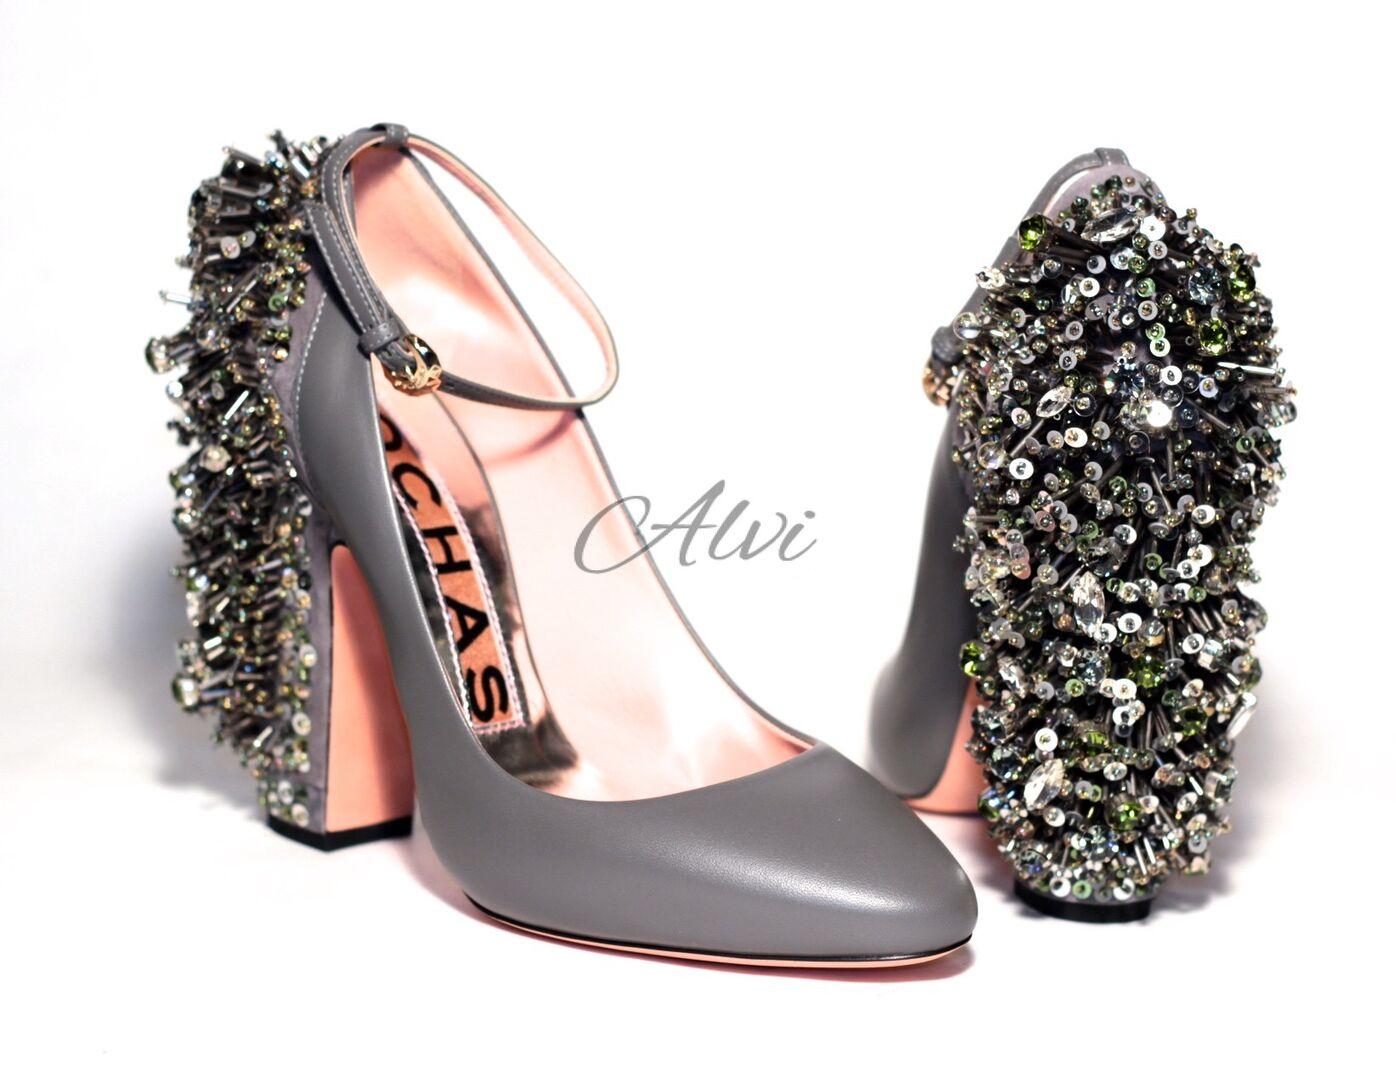 best service fe1d1 fd55b Acquisti Online 2 Sconti su Qualsiasi Caso rochas scarpe E ...